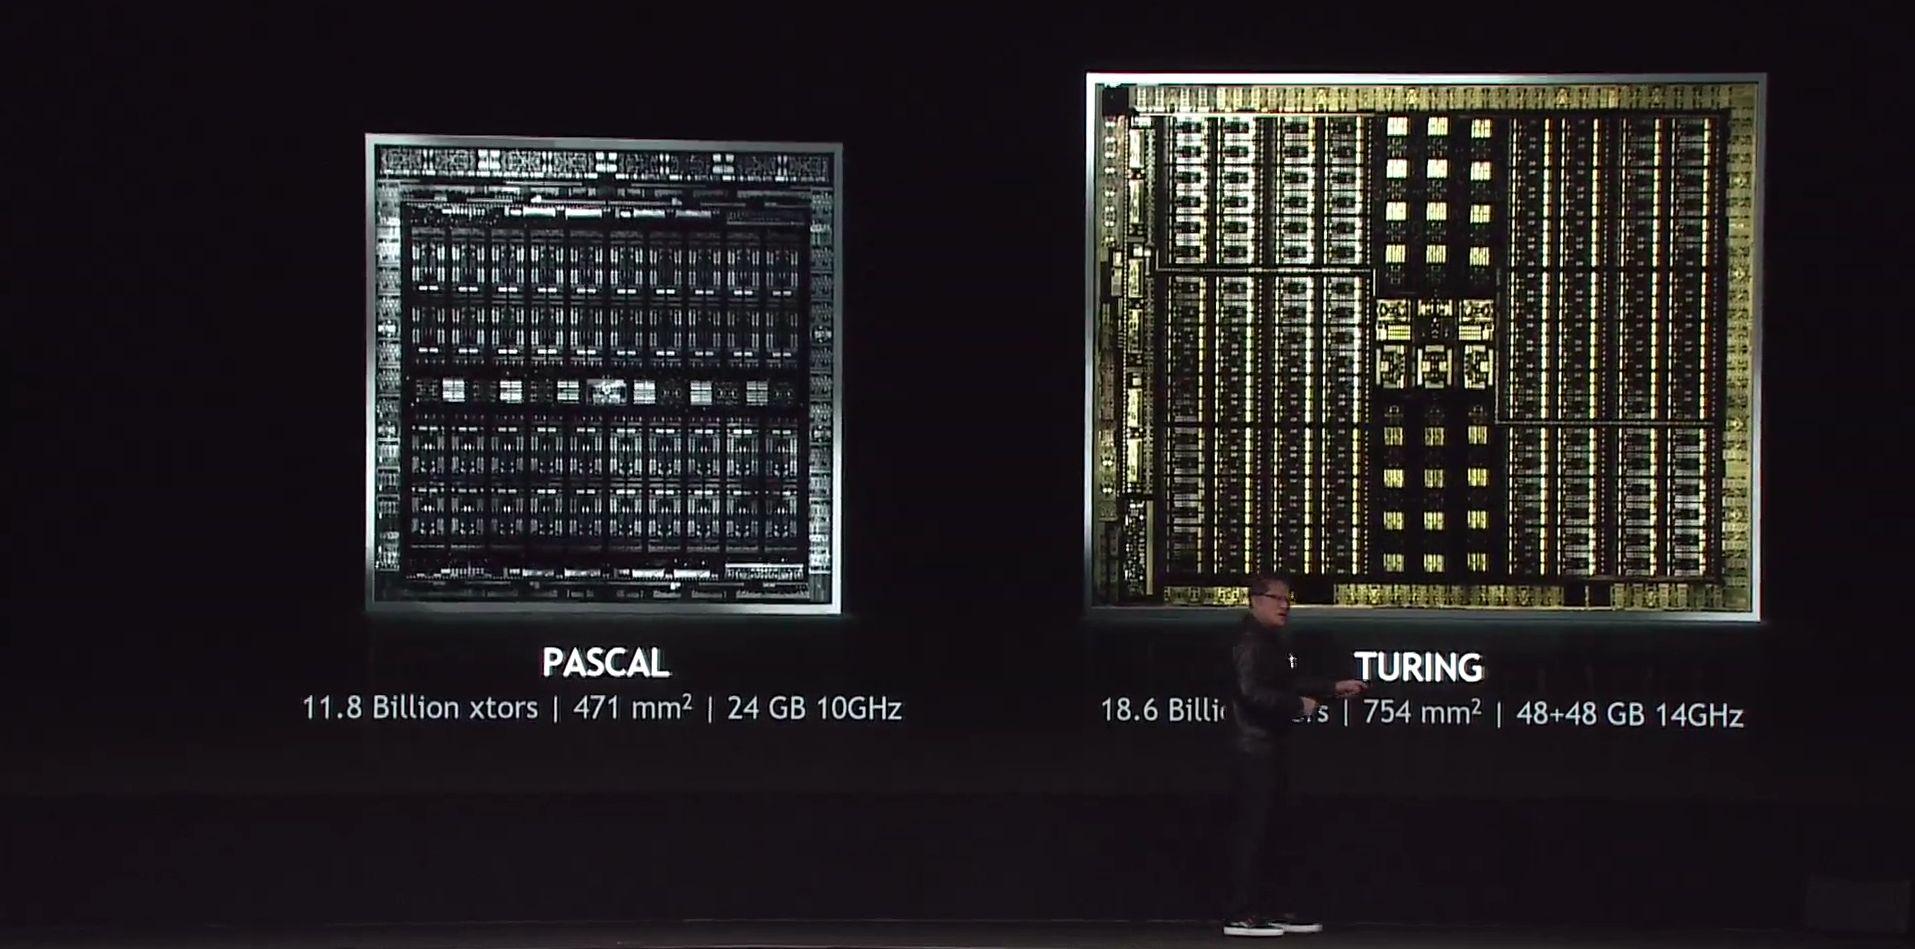 NVIDIA-Turing-GPU-Vs-Pascal-Size.jpg